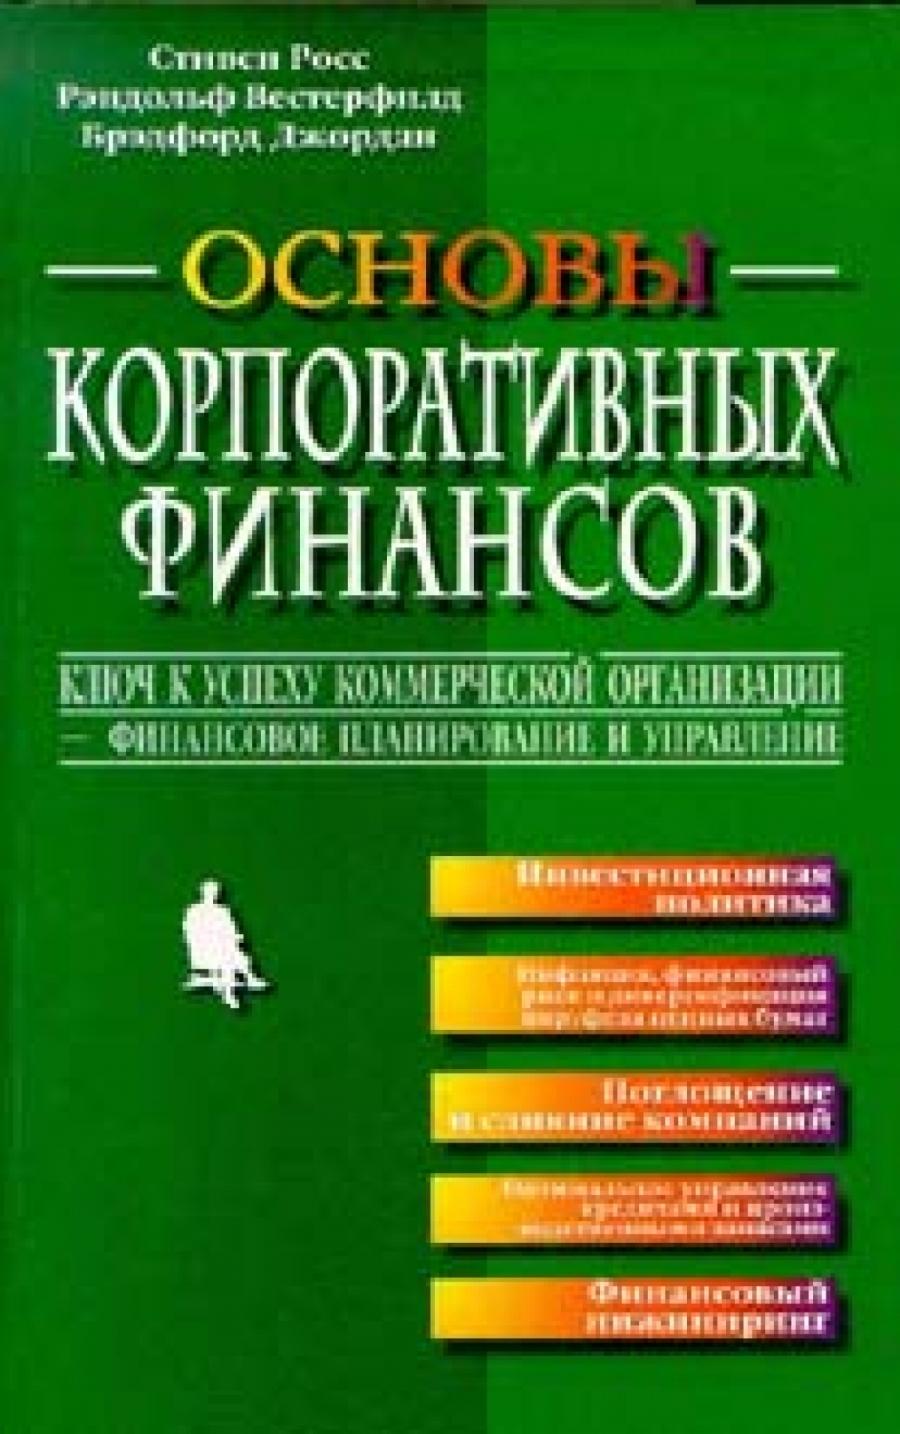 Обложка книги:  в.п. завгородний - бухгалтерский учет в украине